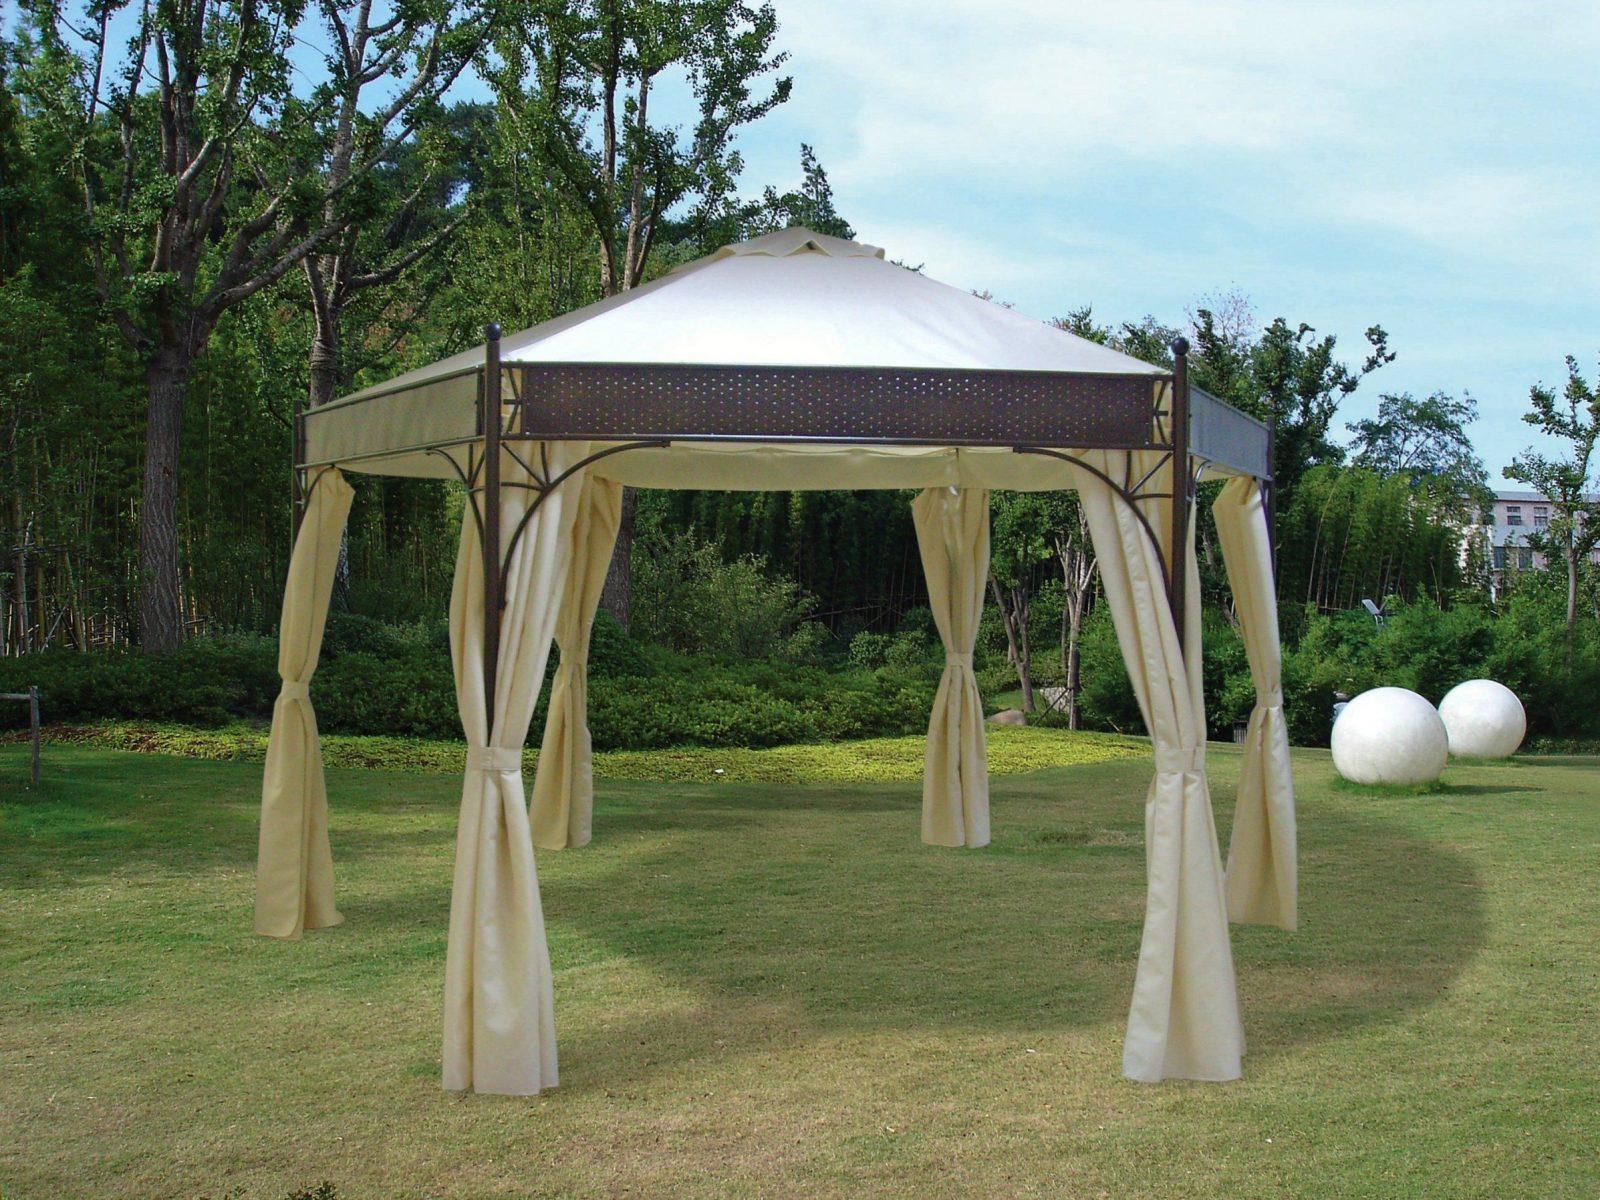 Stylischen Pavillon Von Frg Bequem Online Bestellen  Lrkmoebel von Pavillon Mit Wasserdichtem Dach Bild